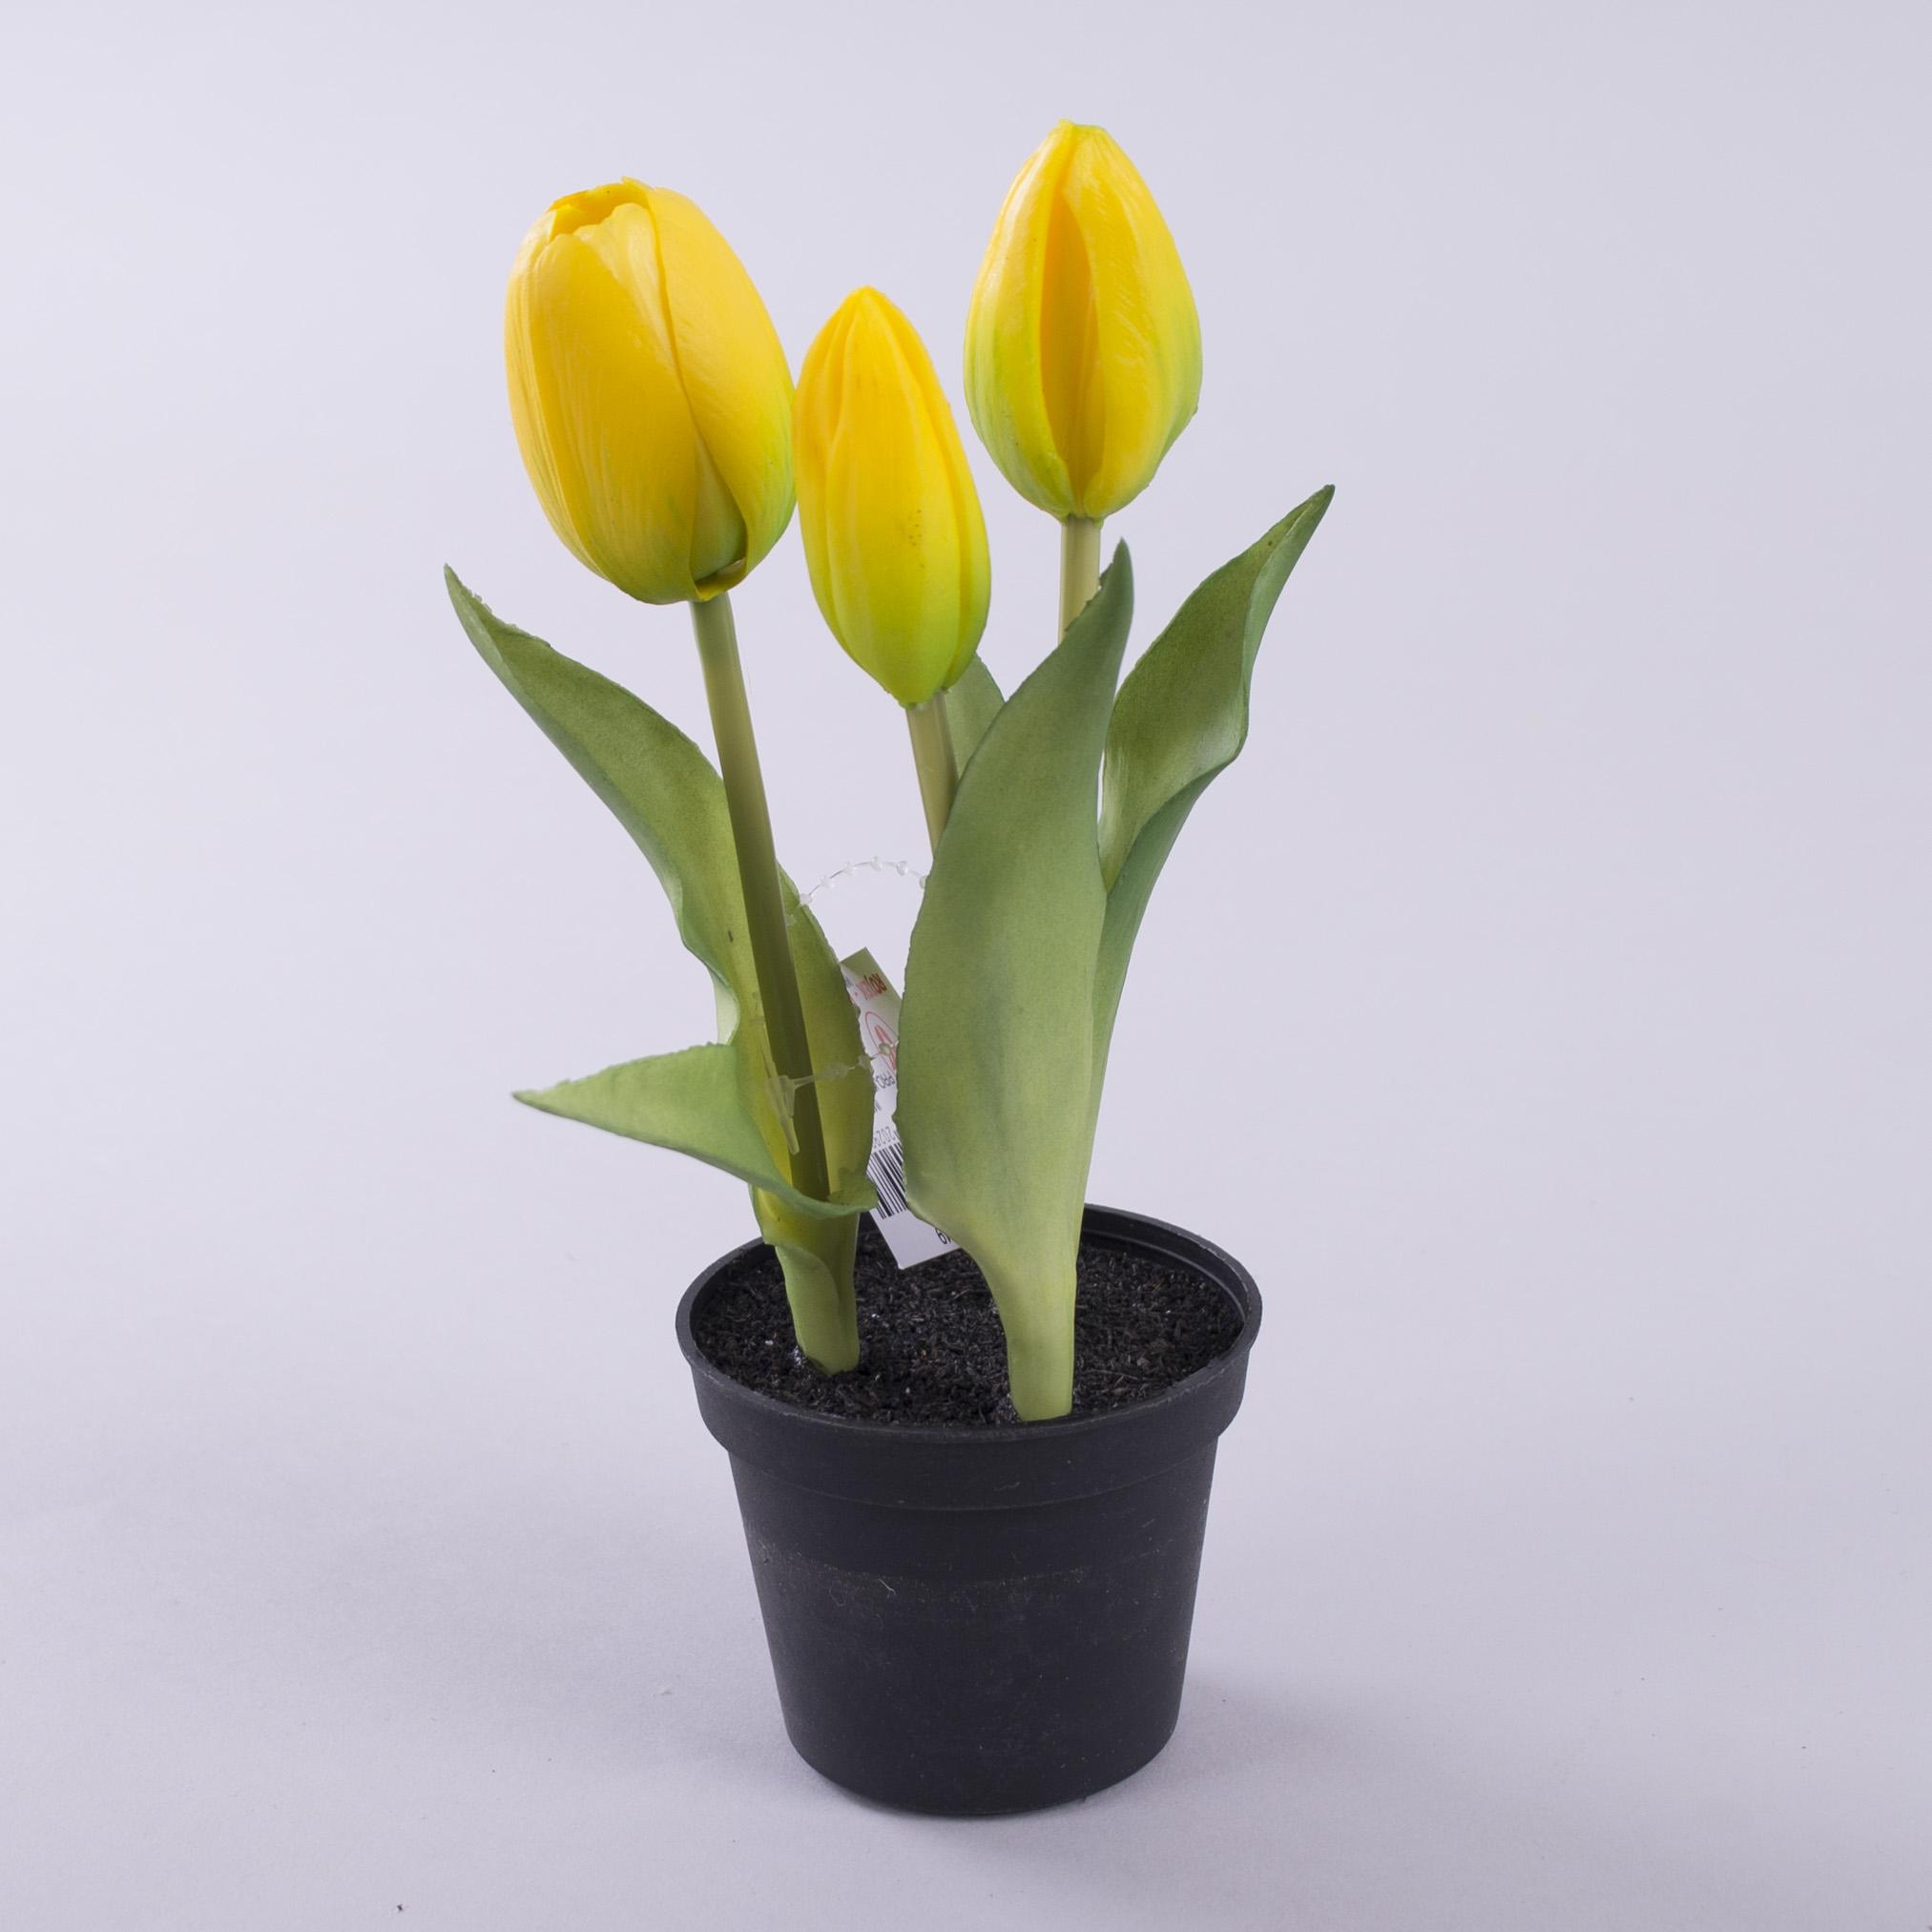 тюльпан латексний в горщику жовтий